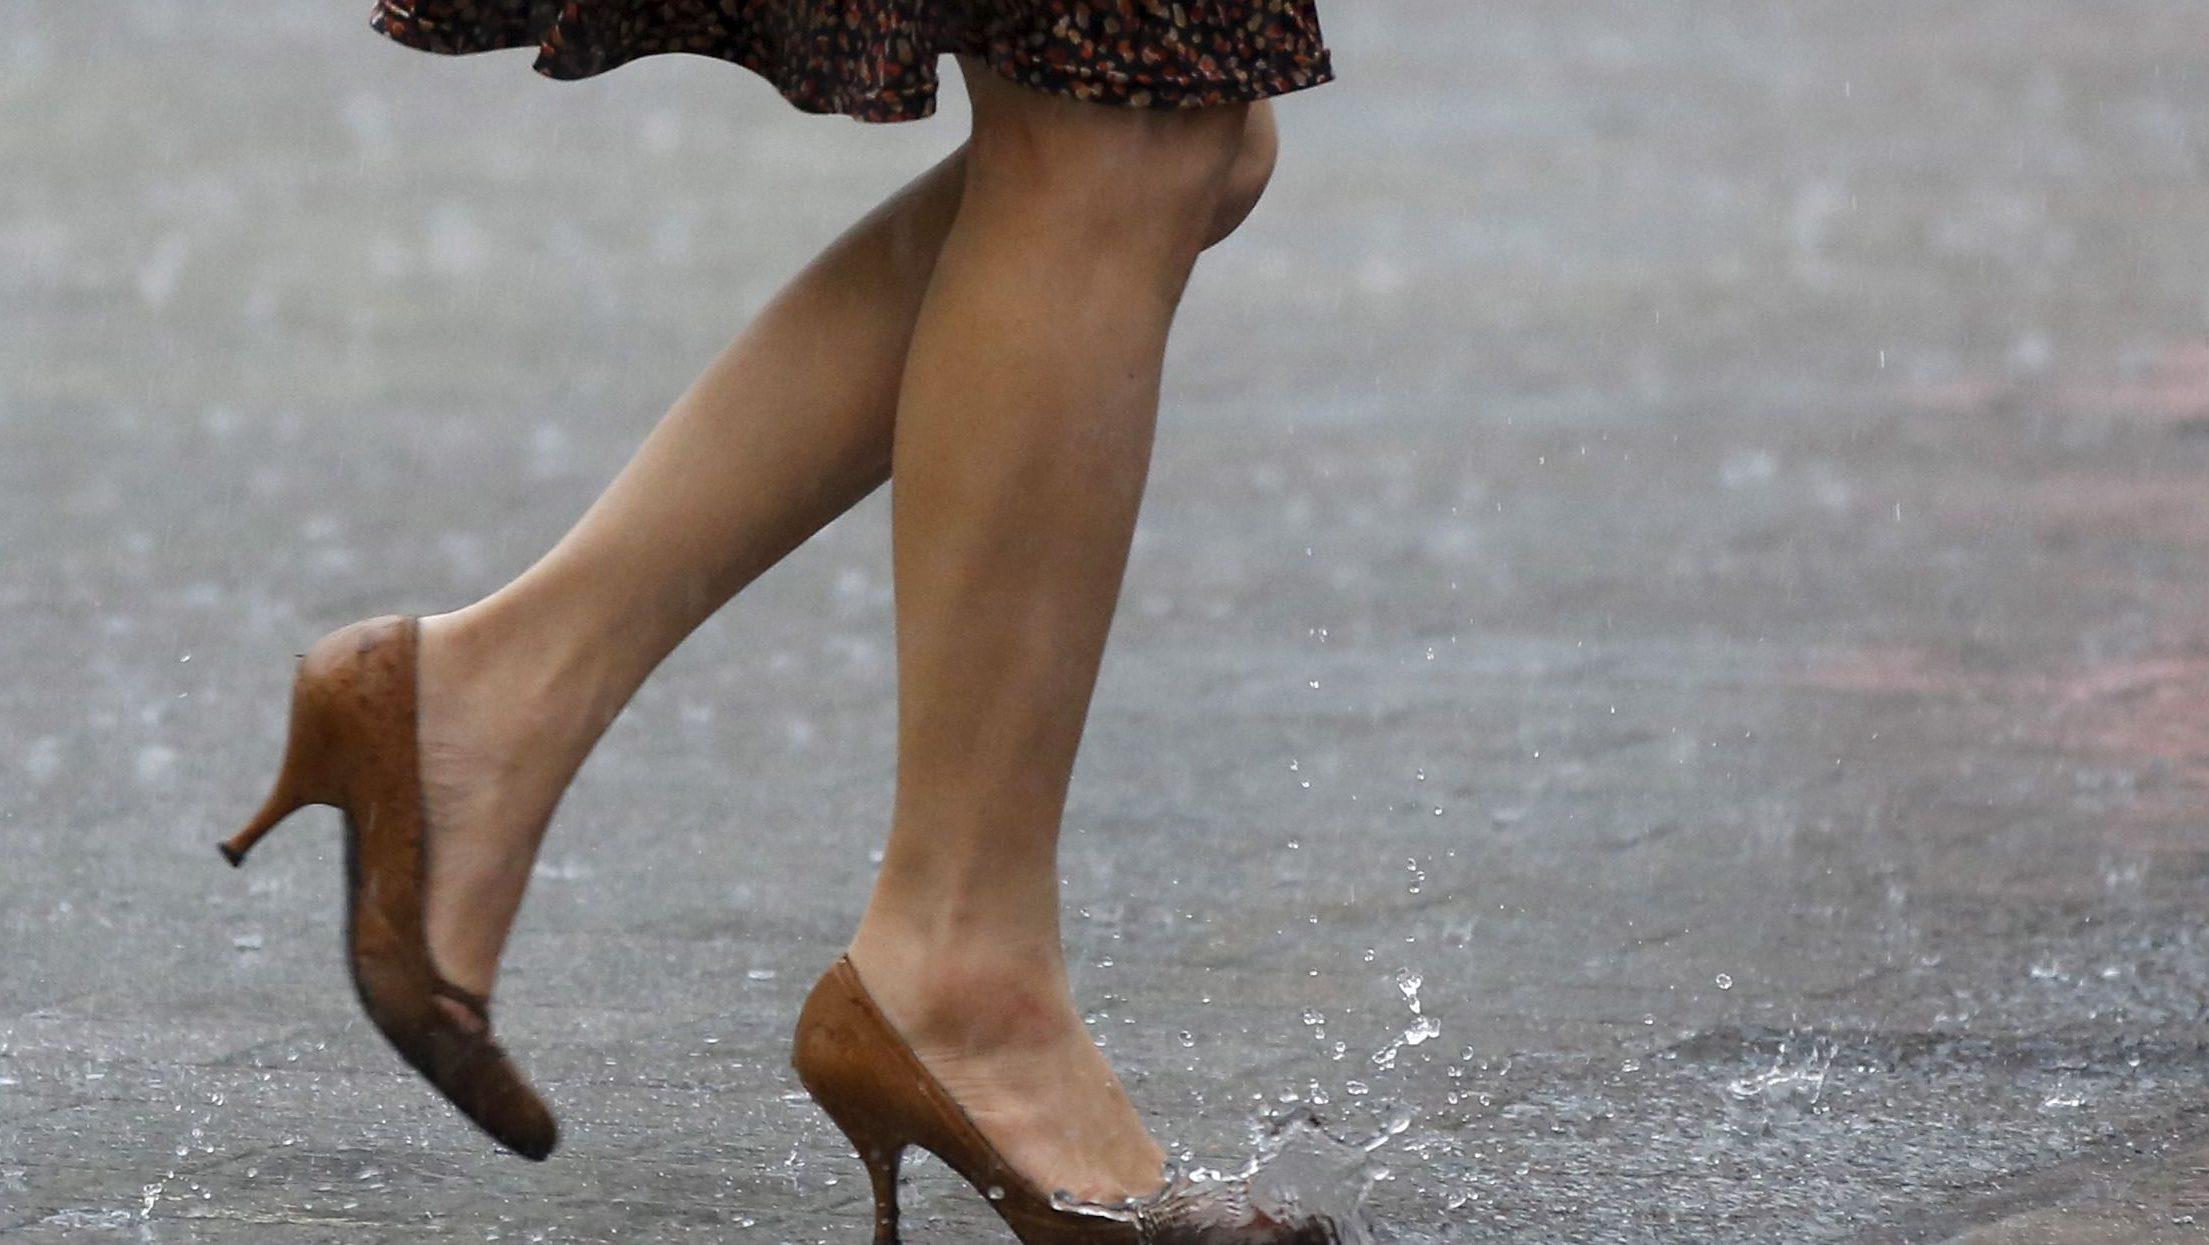 A woman walks in heavy rain